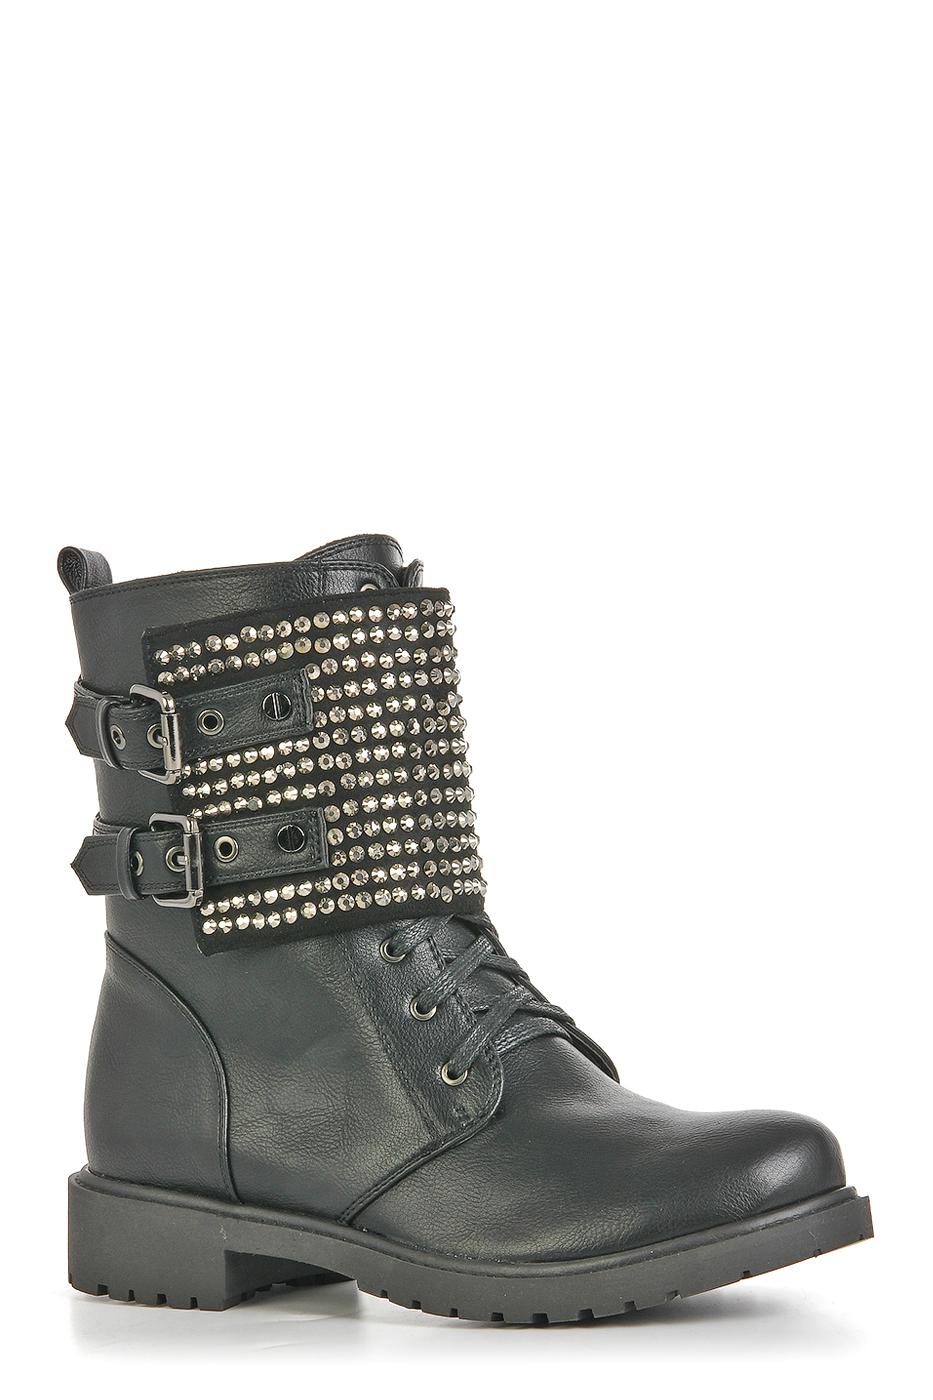 Ботинки THANKS4LIFE (2323-MI45074B/BLACK)